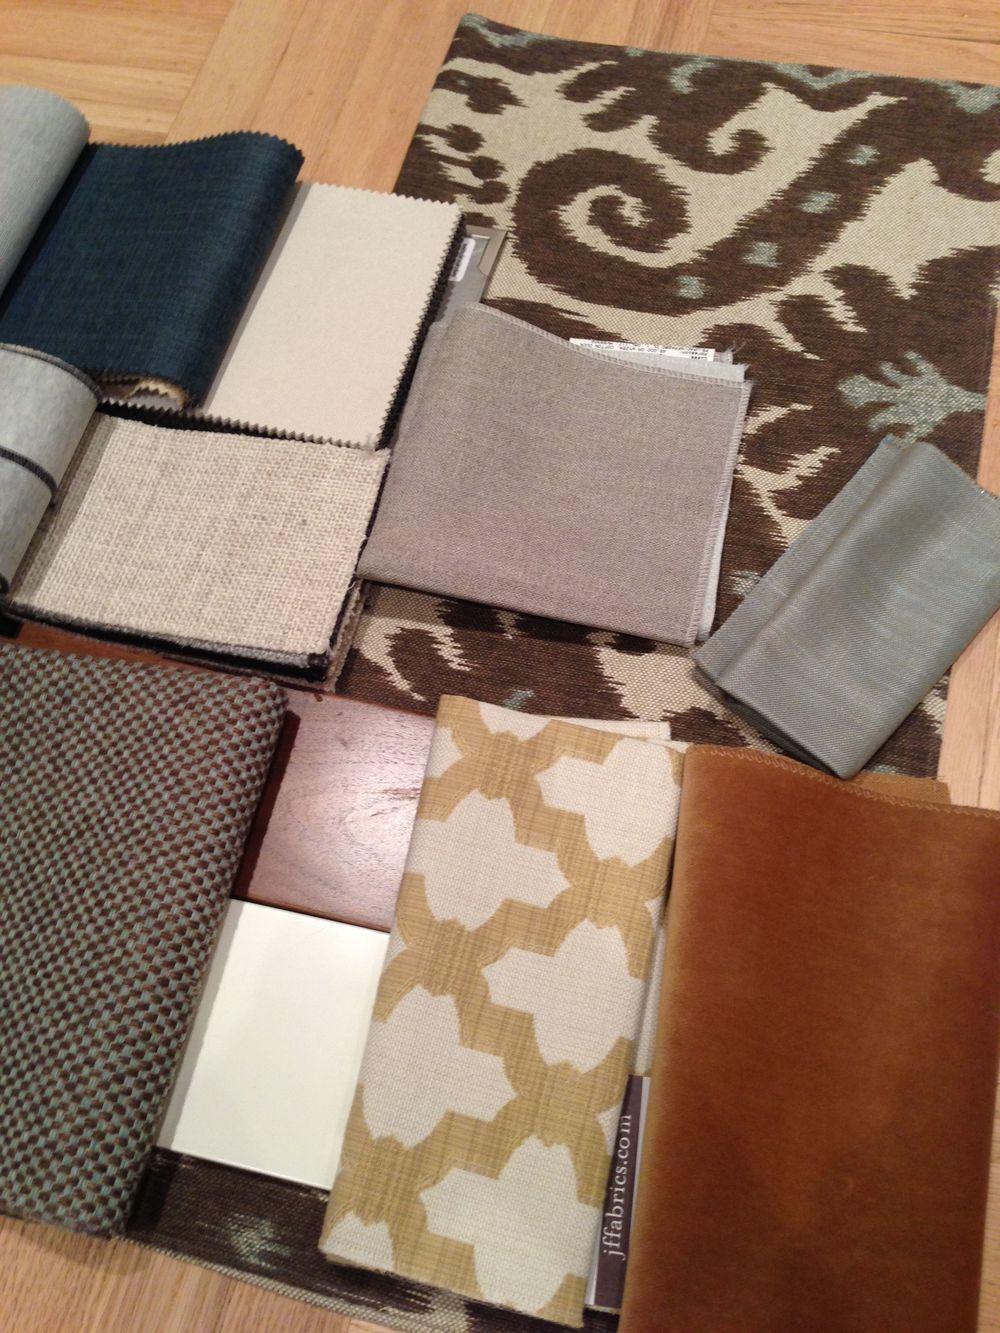 CKID Fabric Scheme